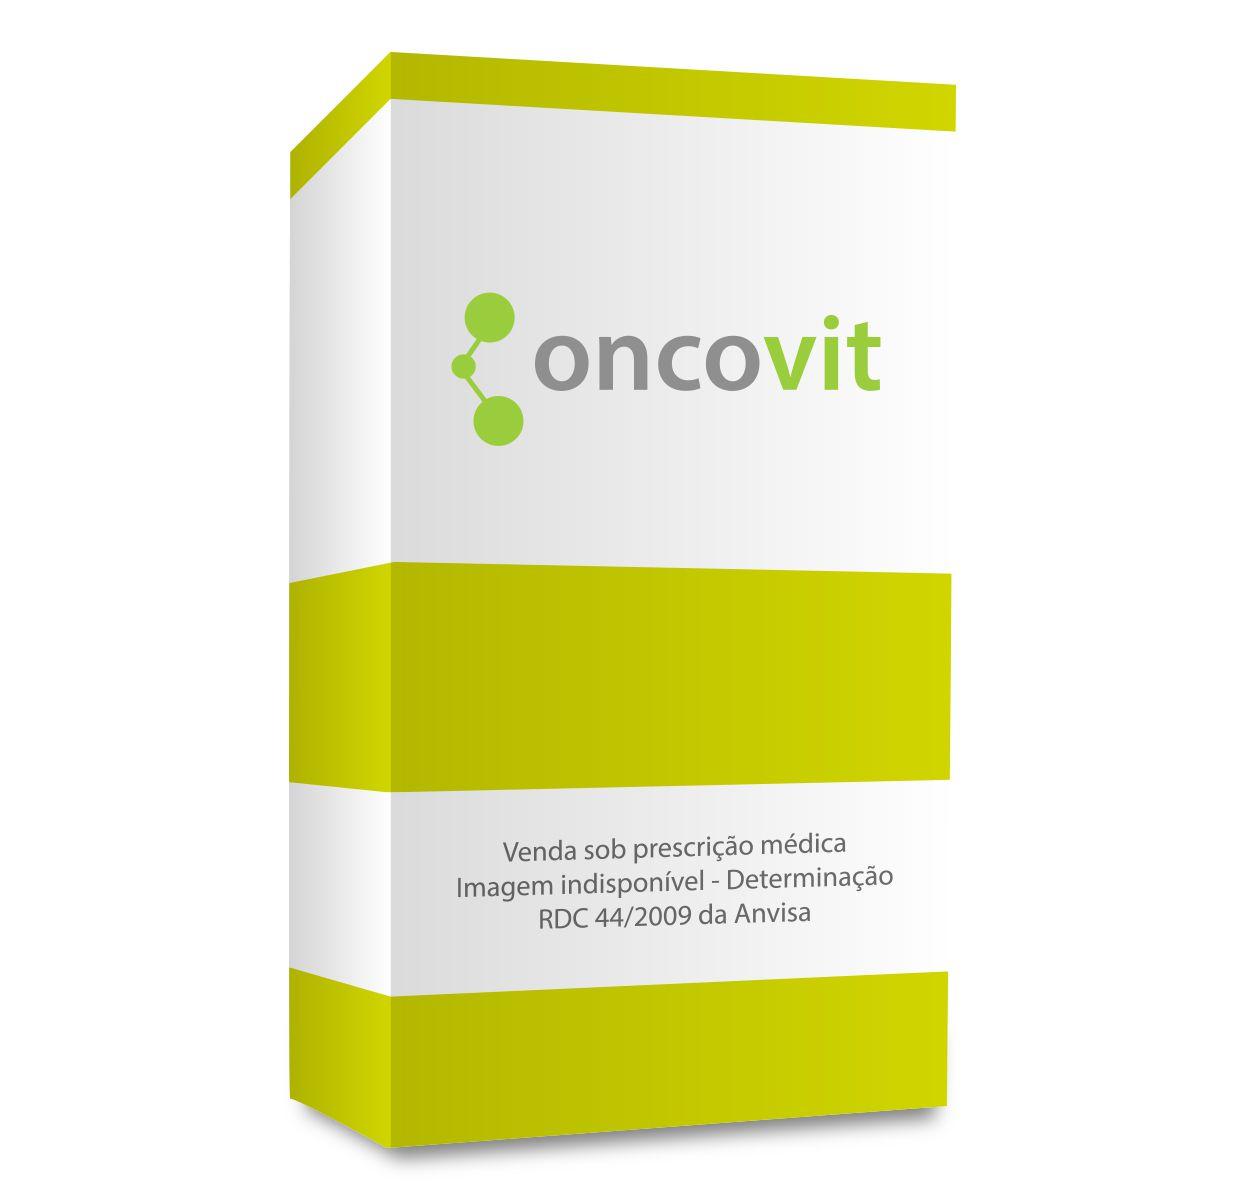 Everolimo Natcofarma do Brasil 10mg, caixa com 28 comprimidos